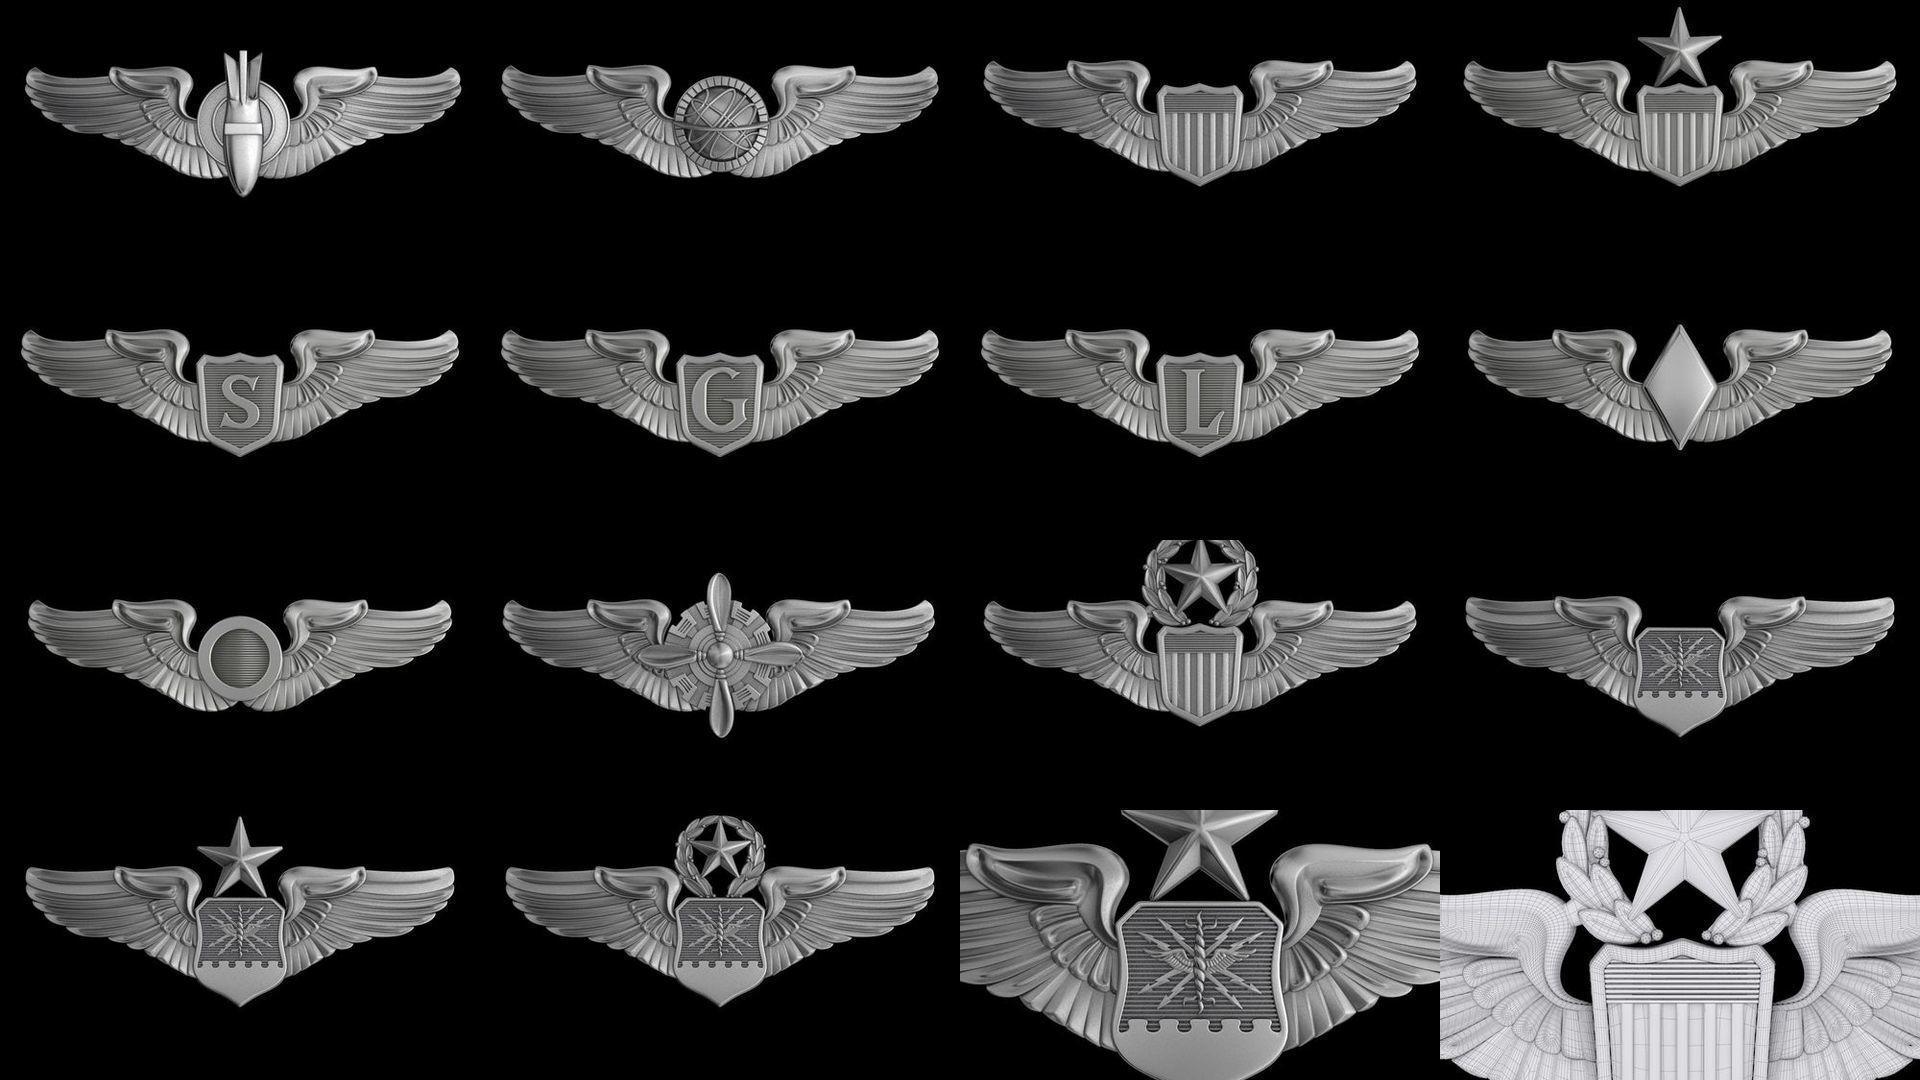 USAF Wings Badge set